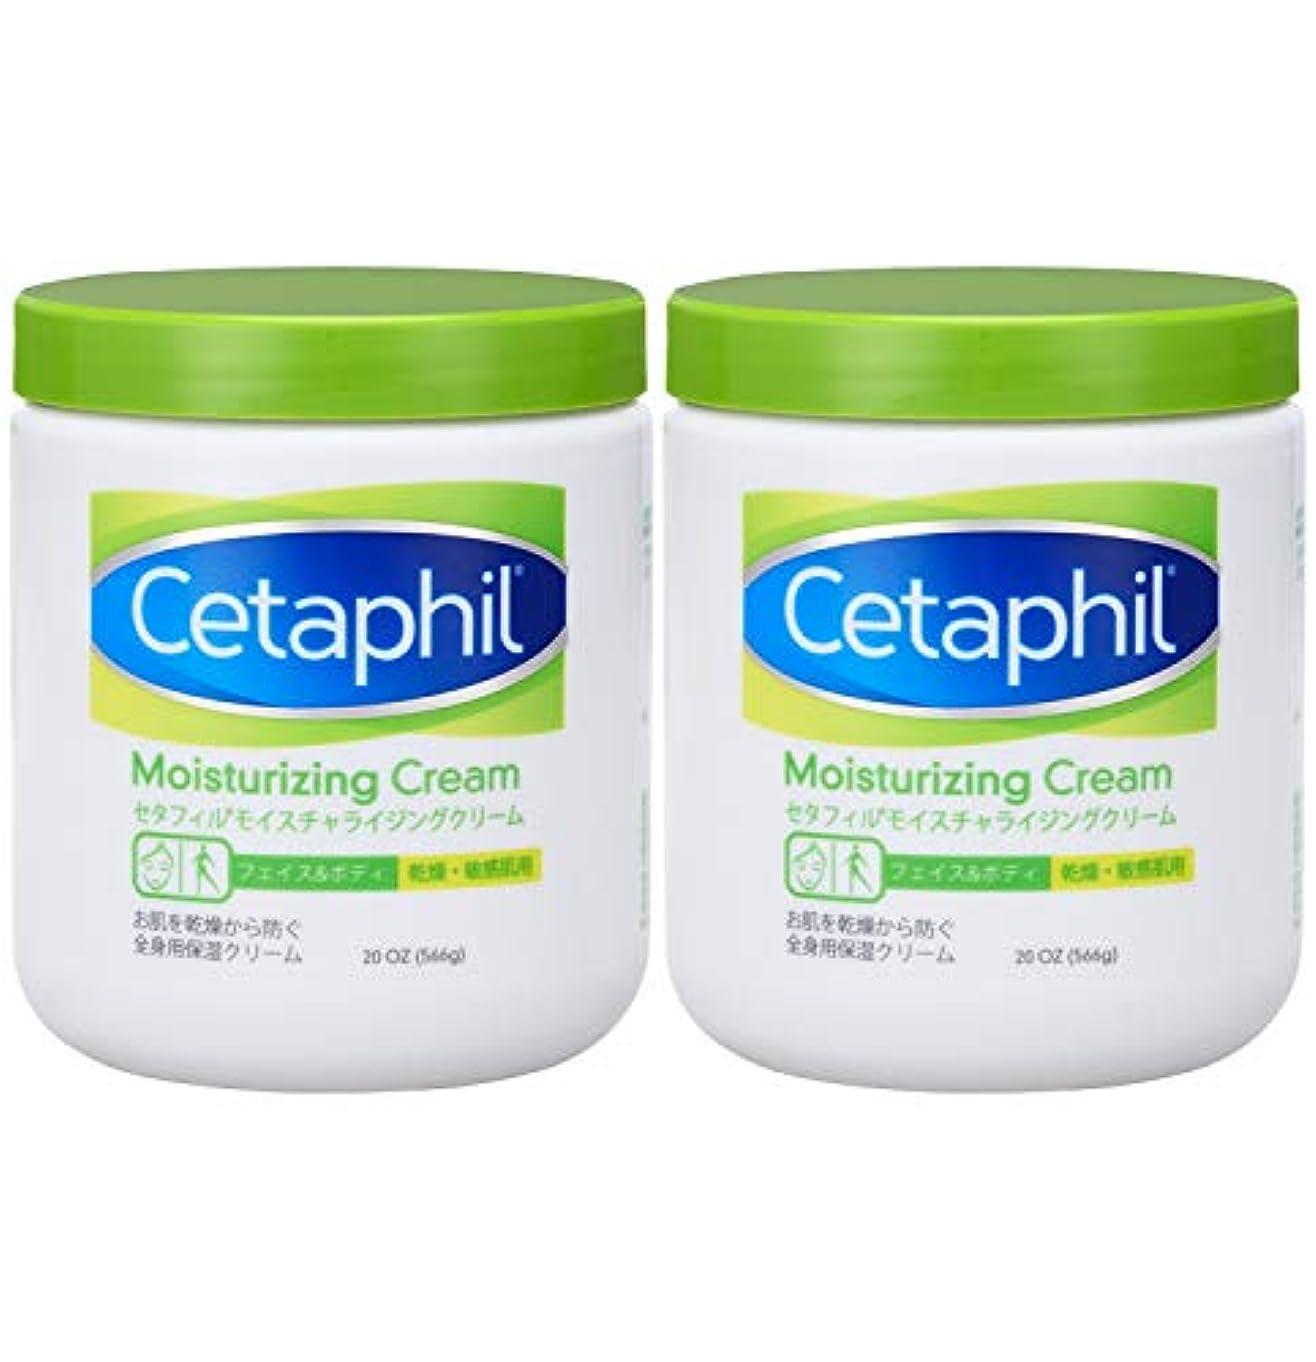 魚薬理学不定セタフィル Cetaphil ® モイスチャライジングクリーム 566ml 2本組 ( フェイス & ボディ 保湿クリーム クリーム )